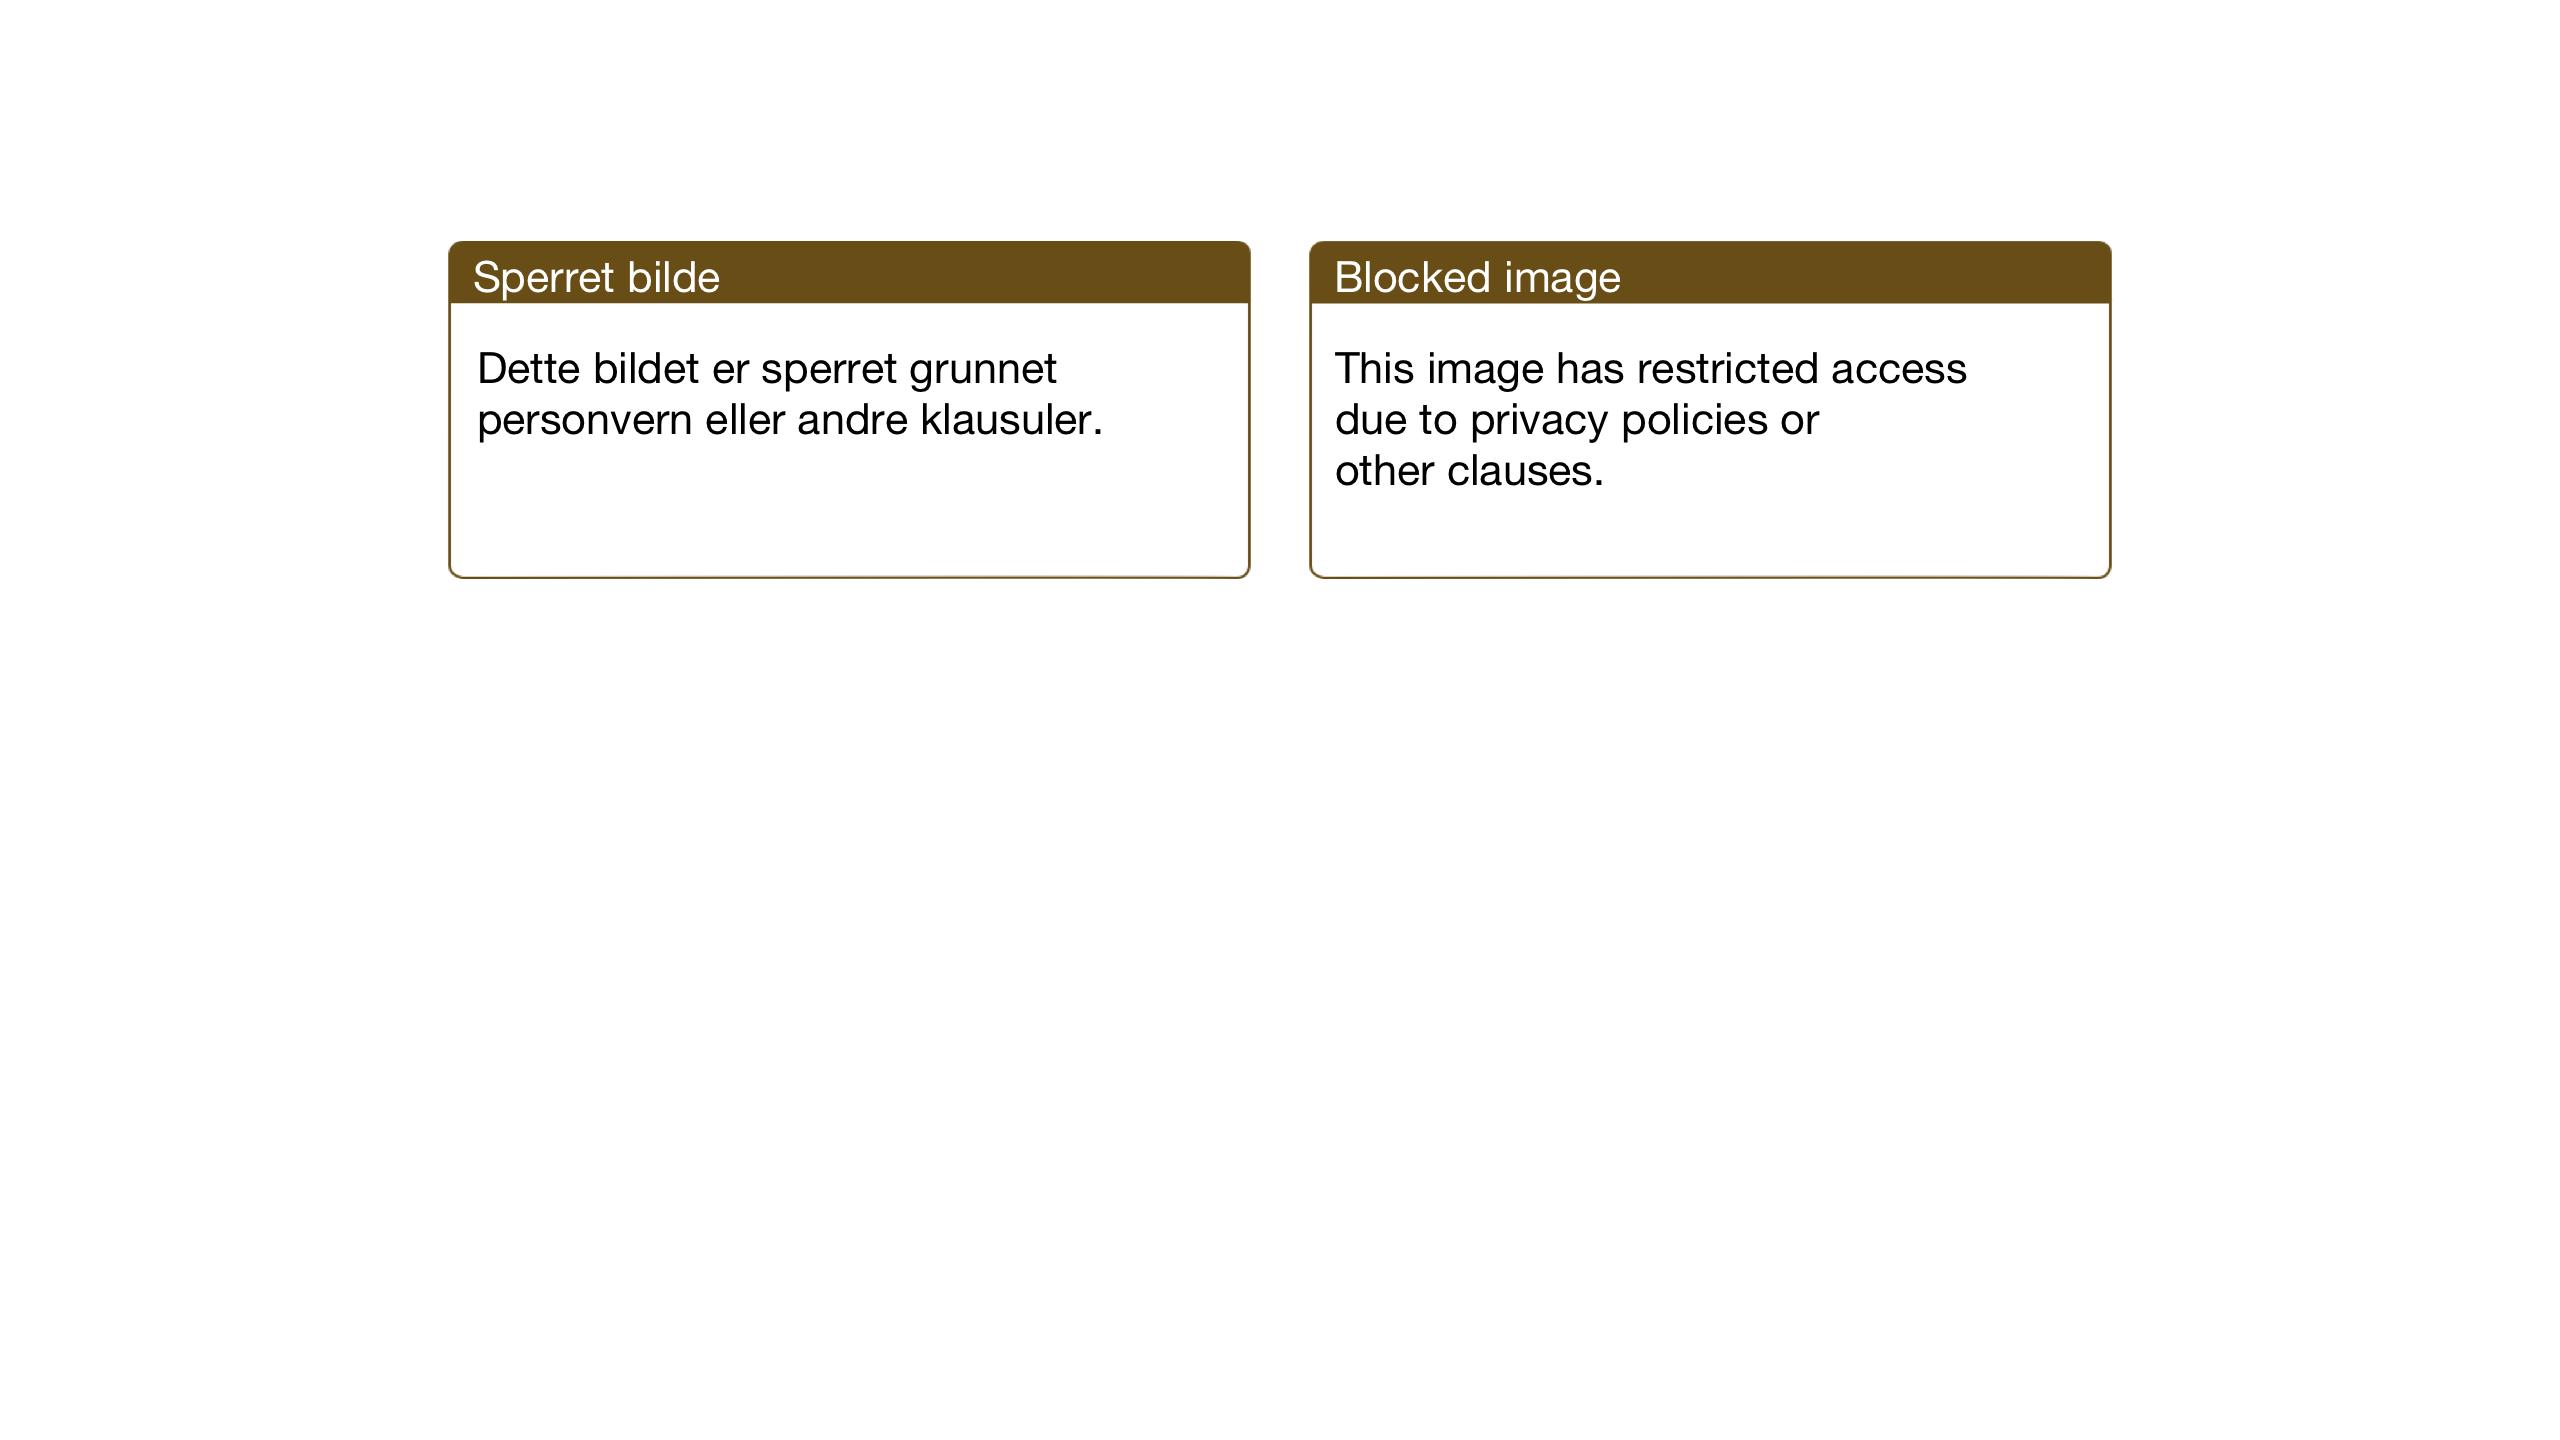 SAT, Ministerialprotokoller, klokkerbøker og fødselsregistre - Nord-Trøndelag, 755/L0500: Klokkerbok nr. 755C01, 1920-1962, s. 168